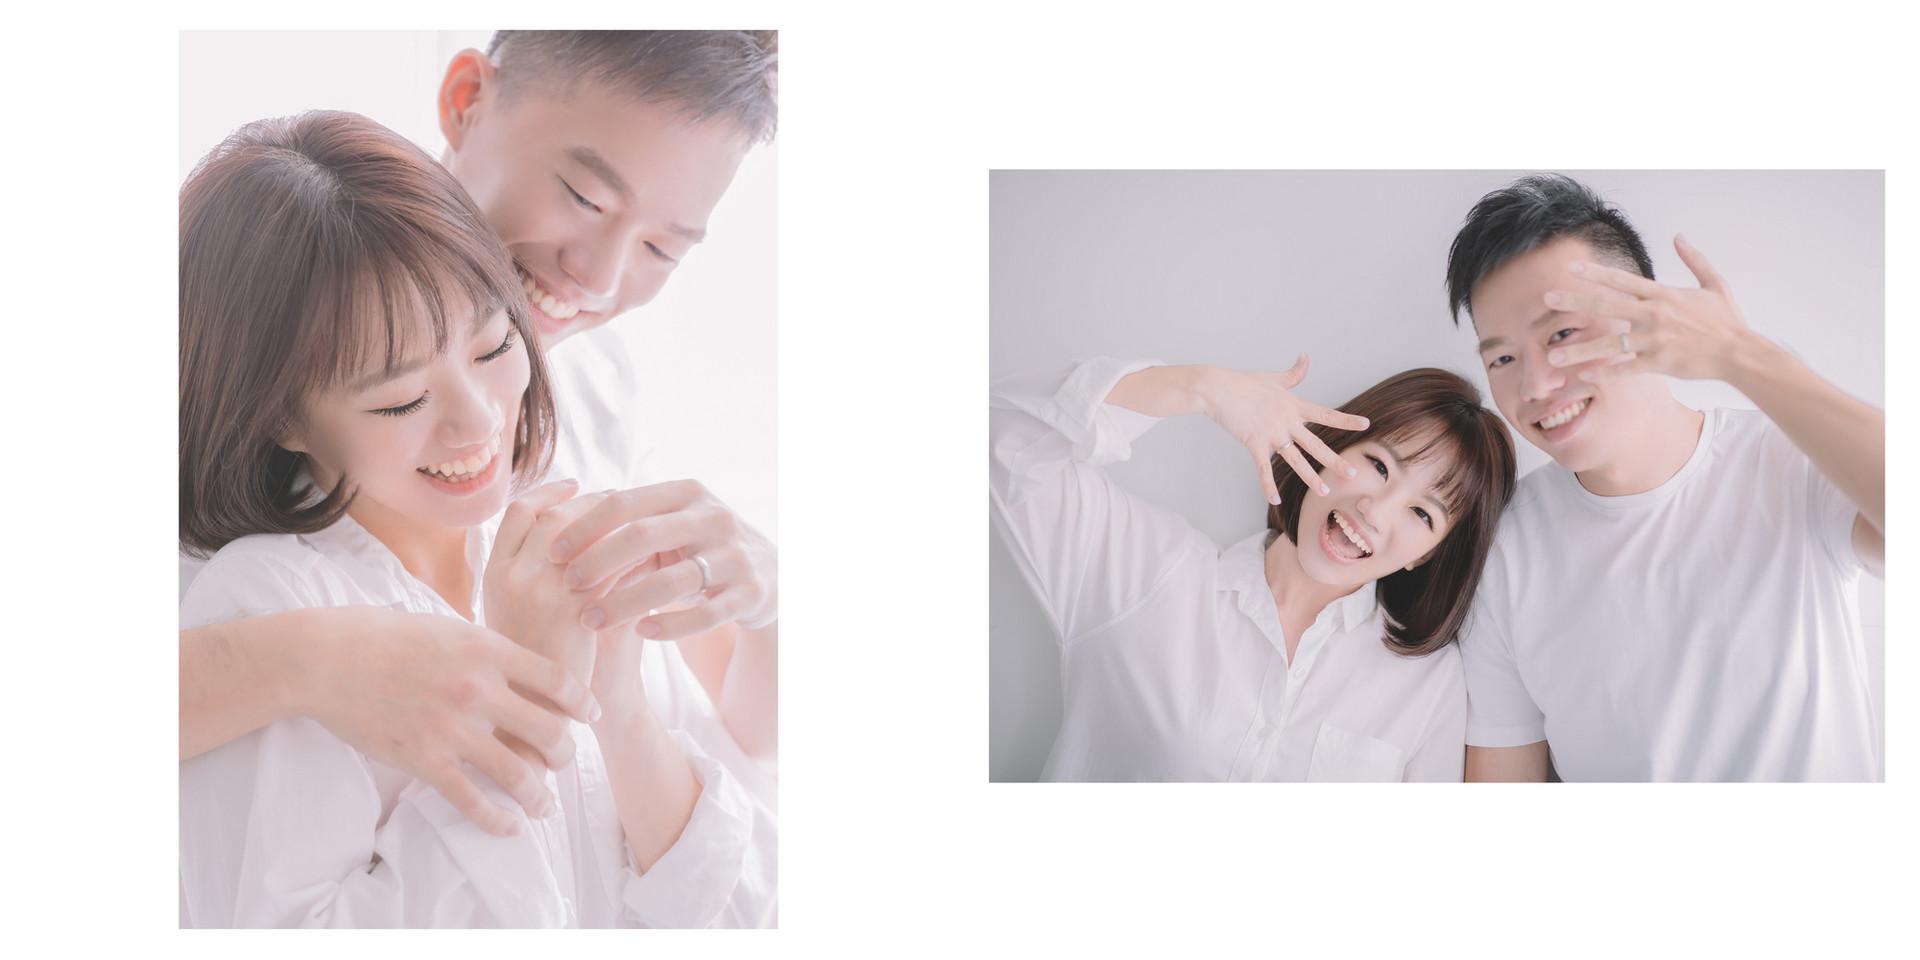 美軍宿舍 / 花卉試驗中心 / 寵物婚紗 / 自然捲棚拍 / 素人寫真